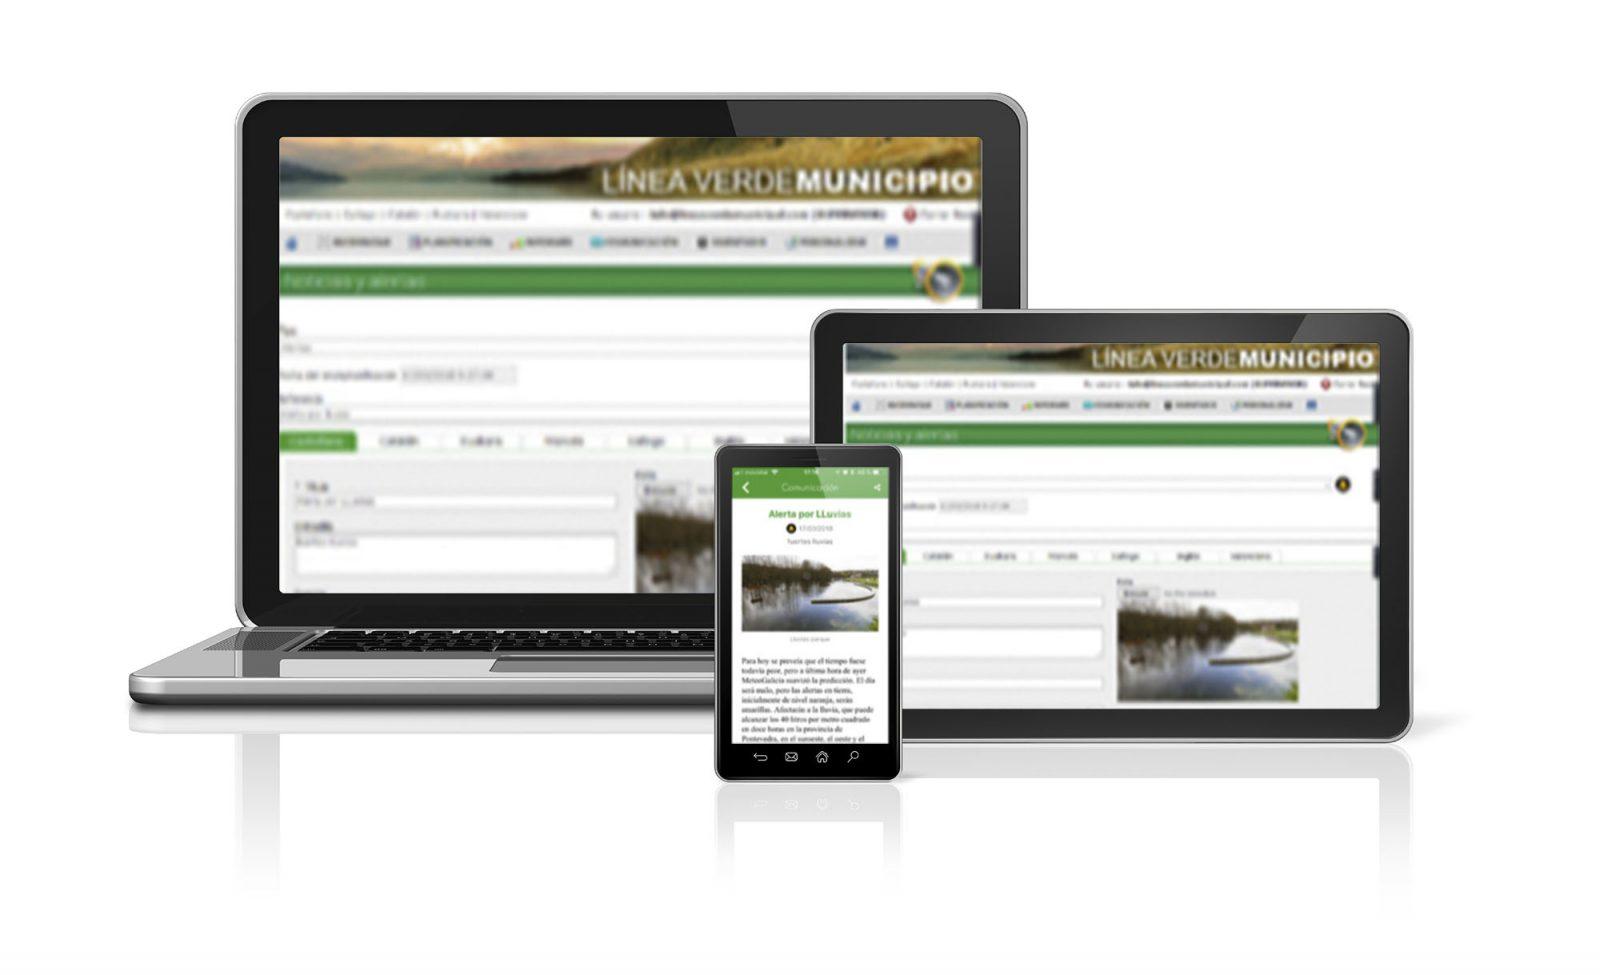 Municipio aplicación Línea Verde